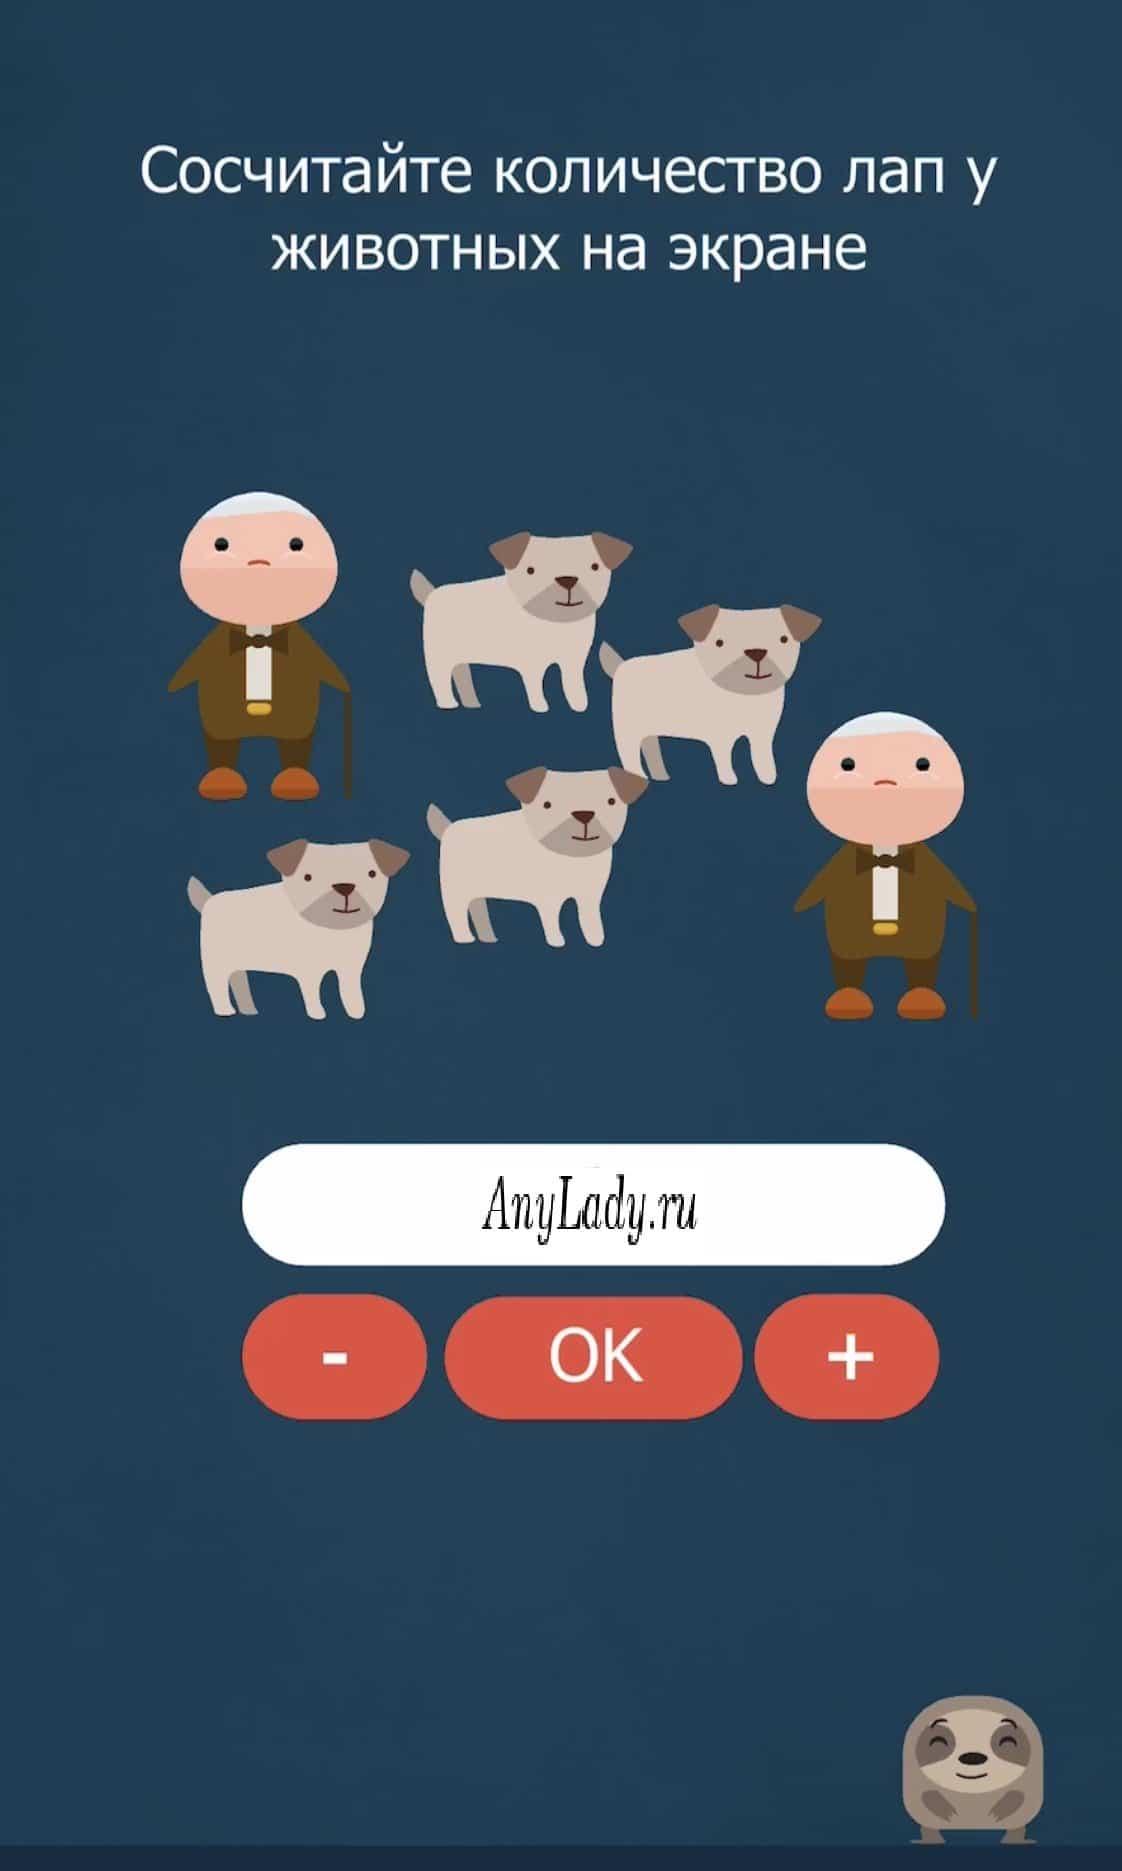 На экране пять собак - четыре и одна спряталась, за другую и лапы ежика внизу экрана, тоже считаются.